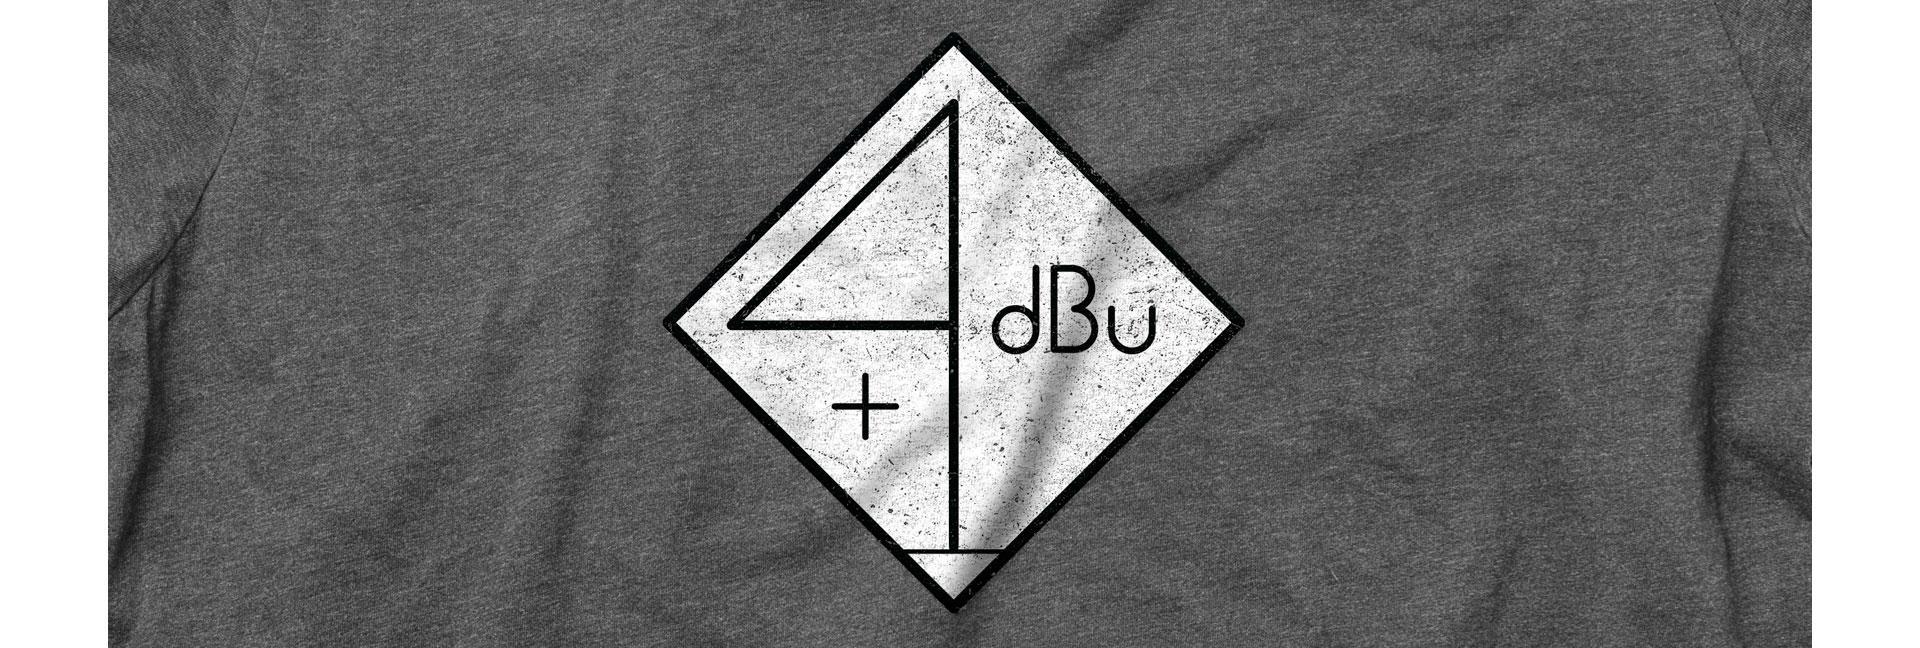 +4dBu-Tshirt@2x.jpg